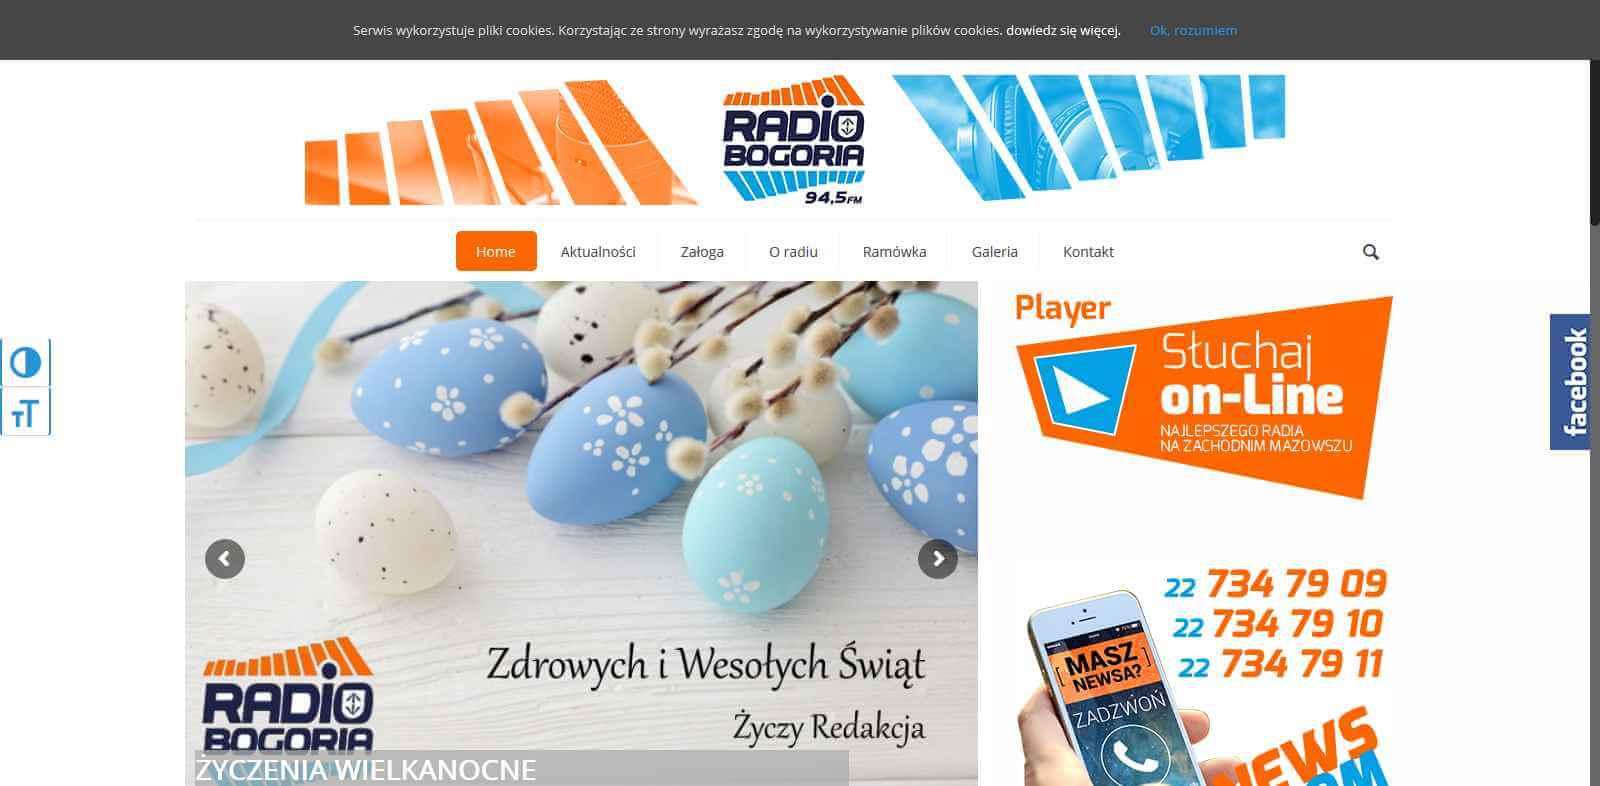 01_Radio Bogoria - Moc Hitów na Zachodnim Mazowszu